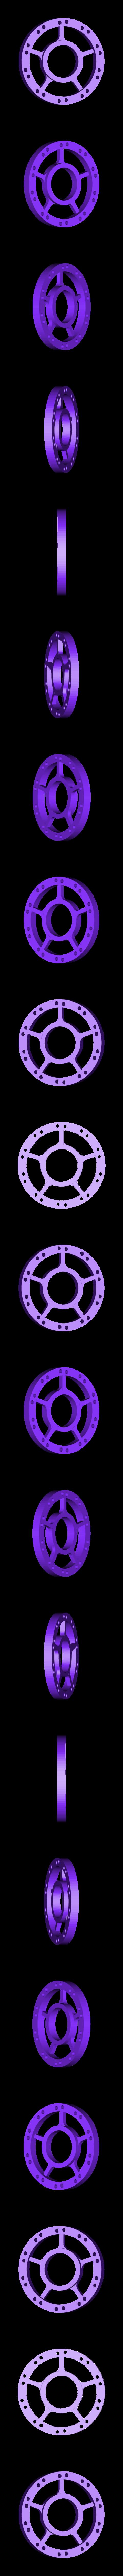 rear_rotor.stl Télécharger fichier STL gratuit 2016 Suzuki GSX-RR MotoGP RC Moto • Modèle pour imprimante 3D, brett